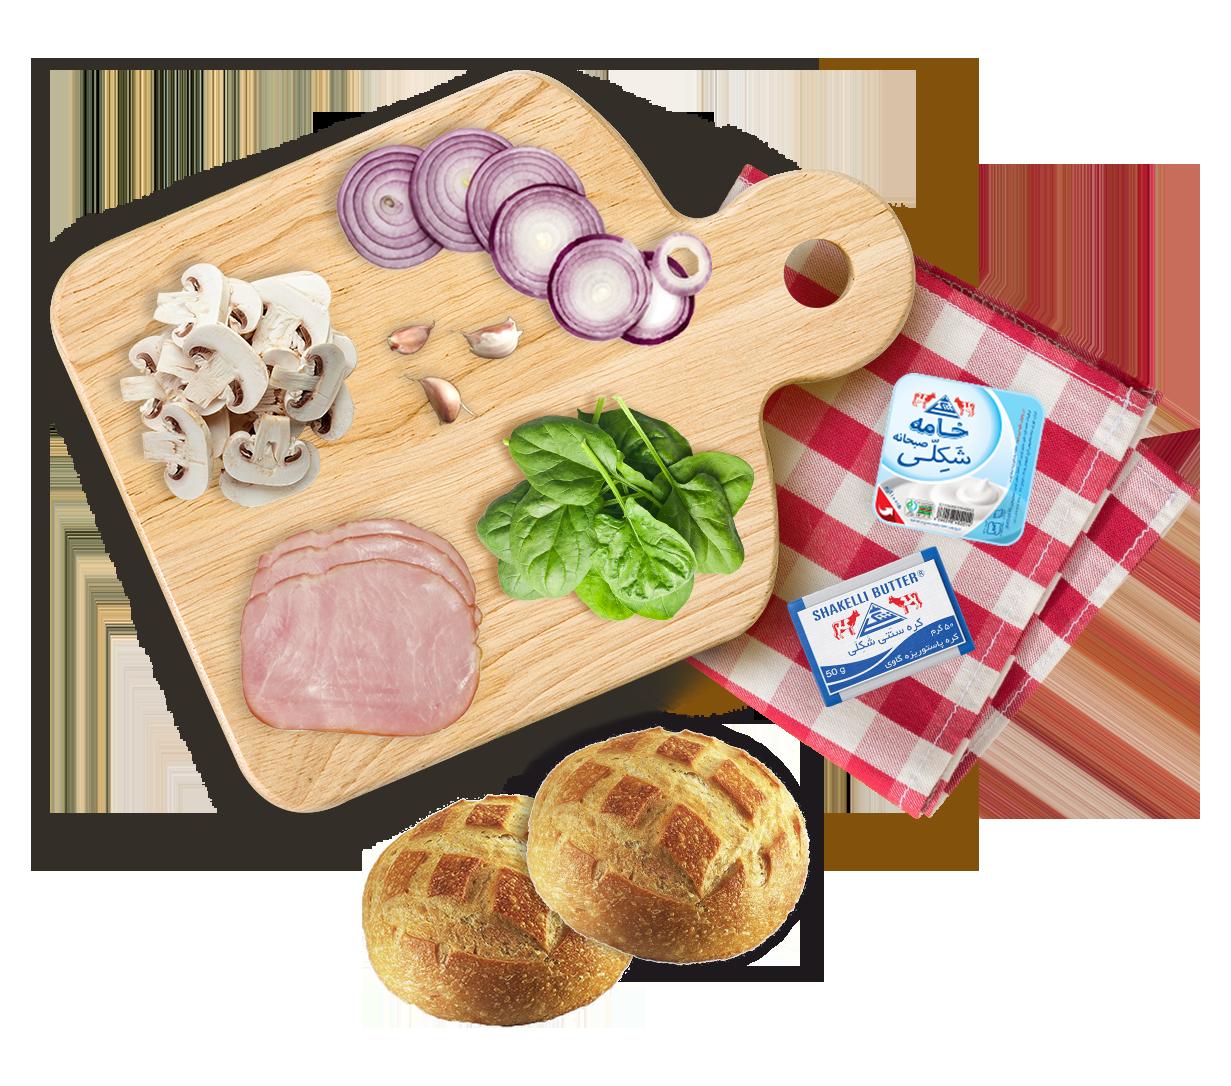 اسلایدر اسفناج و ژامبون مرغ   Spinach and chicken slider